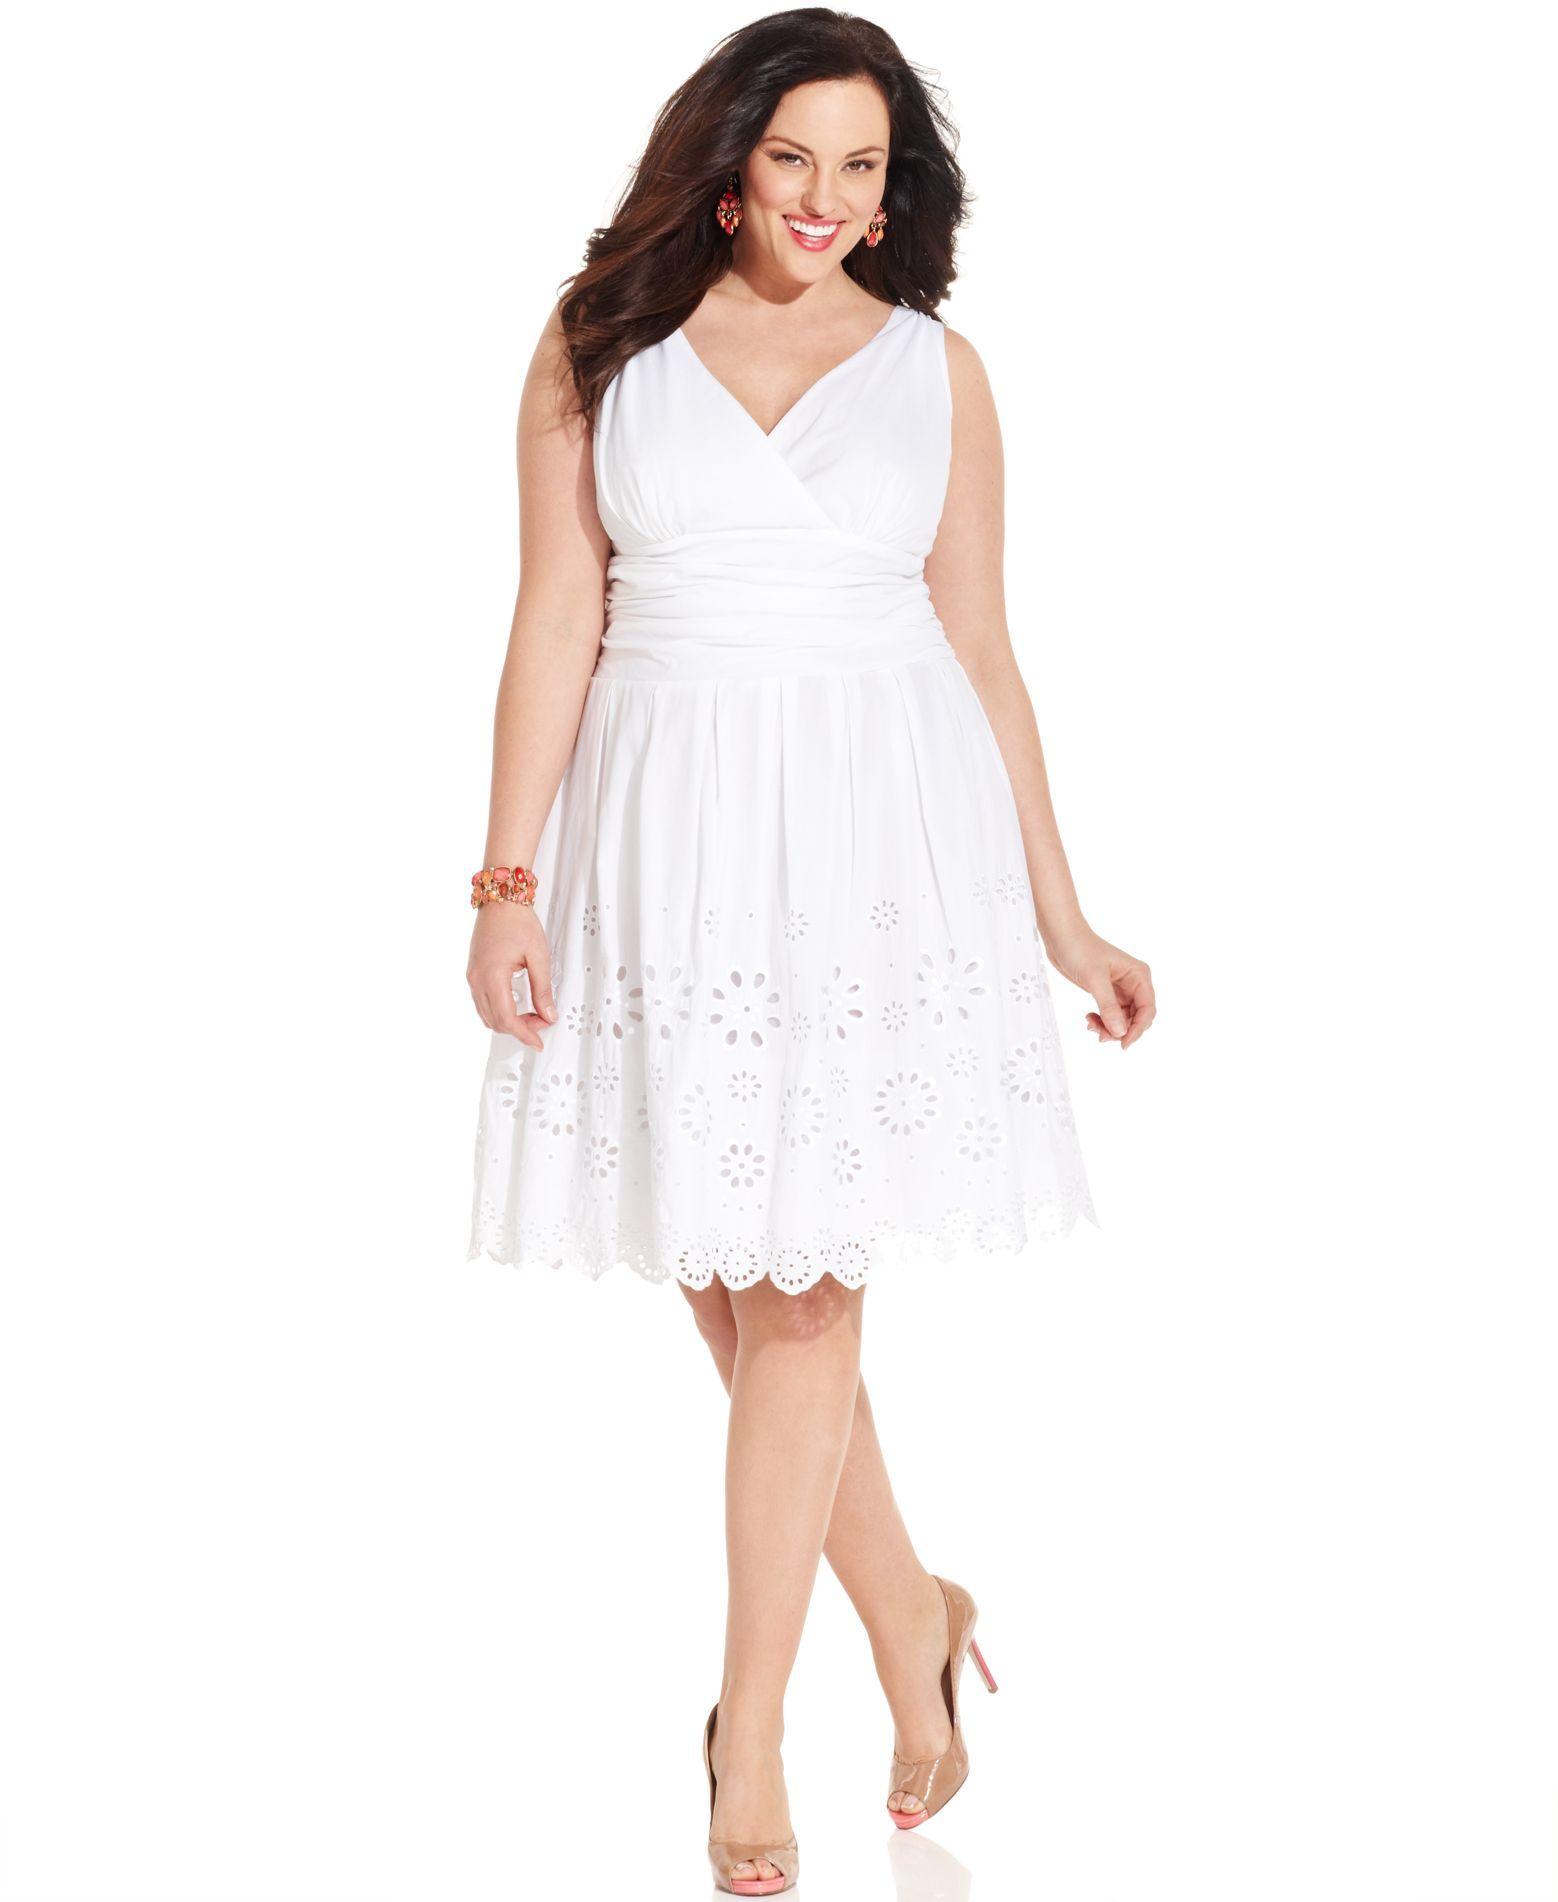 Sl Fashions Plus Size Dress, Sleeveless Ruched Eyelet | Graduation ...